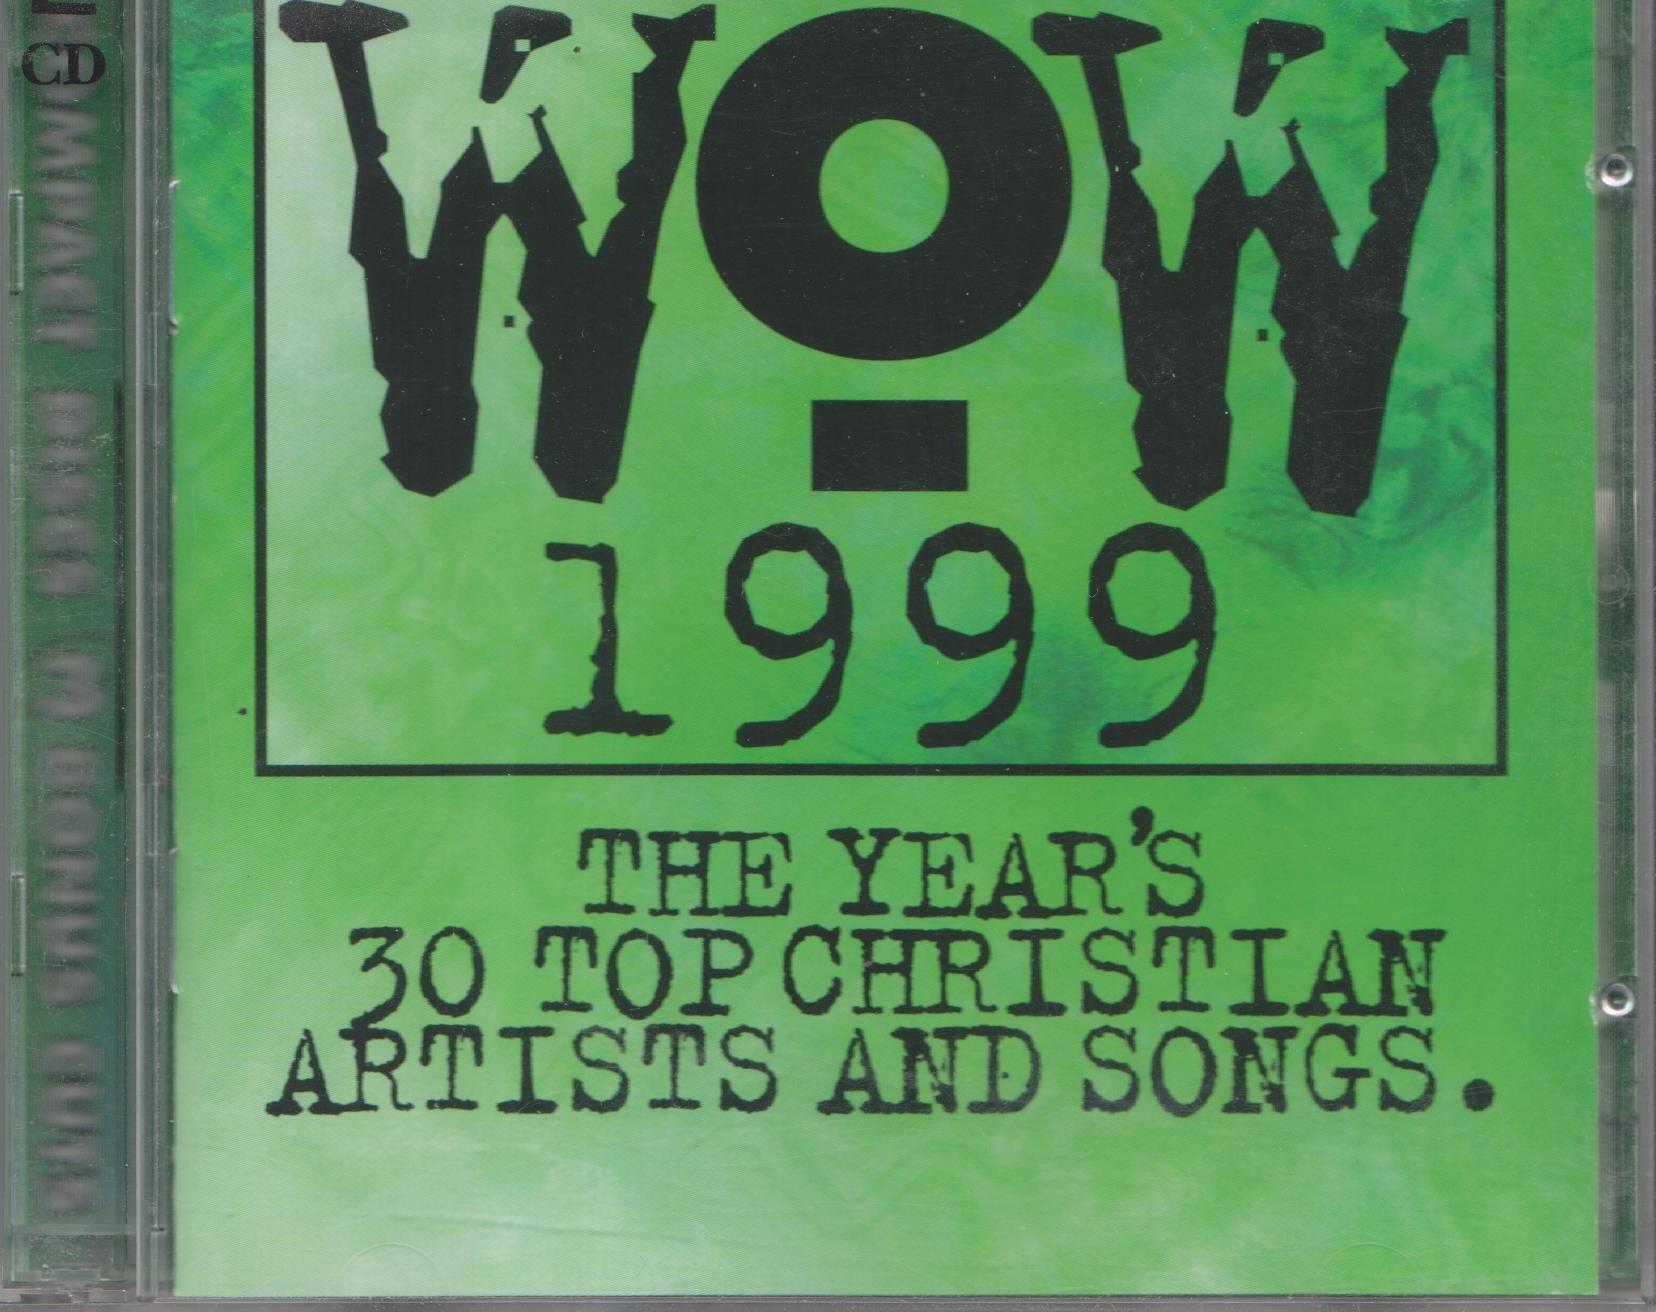 WOW 1999 - 2CD